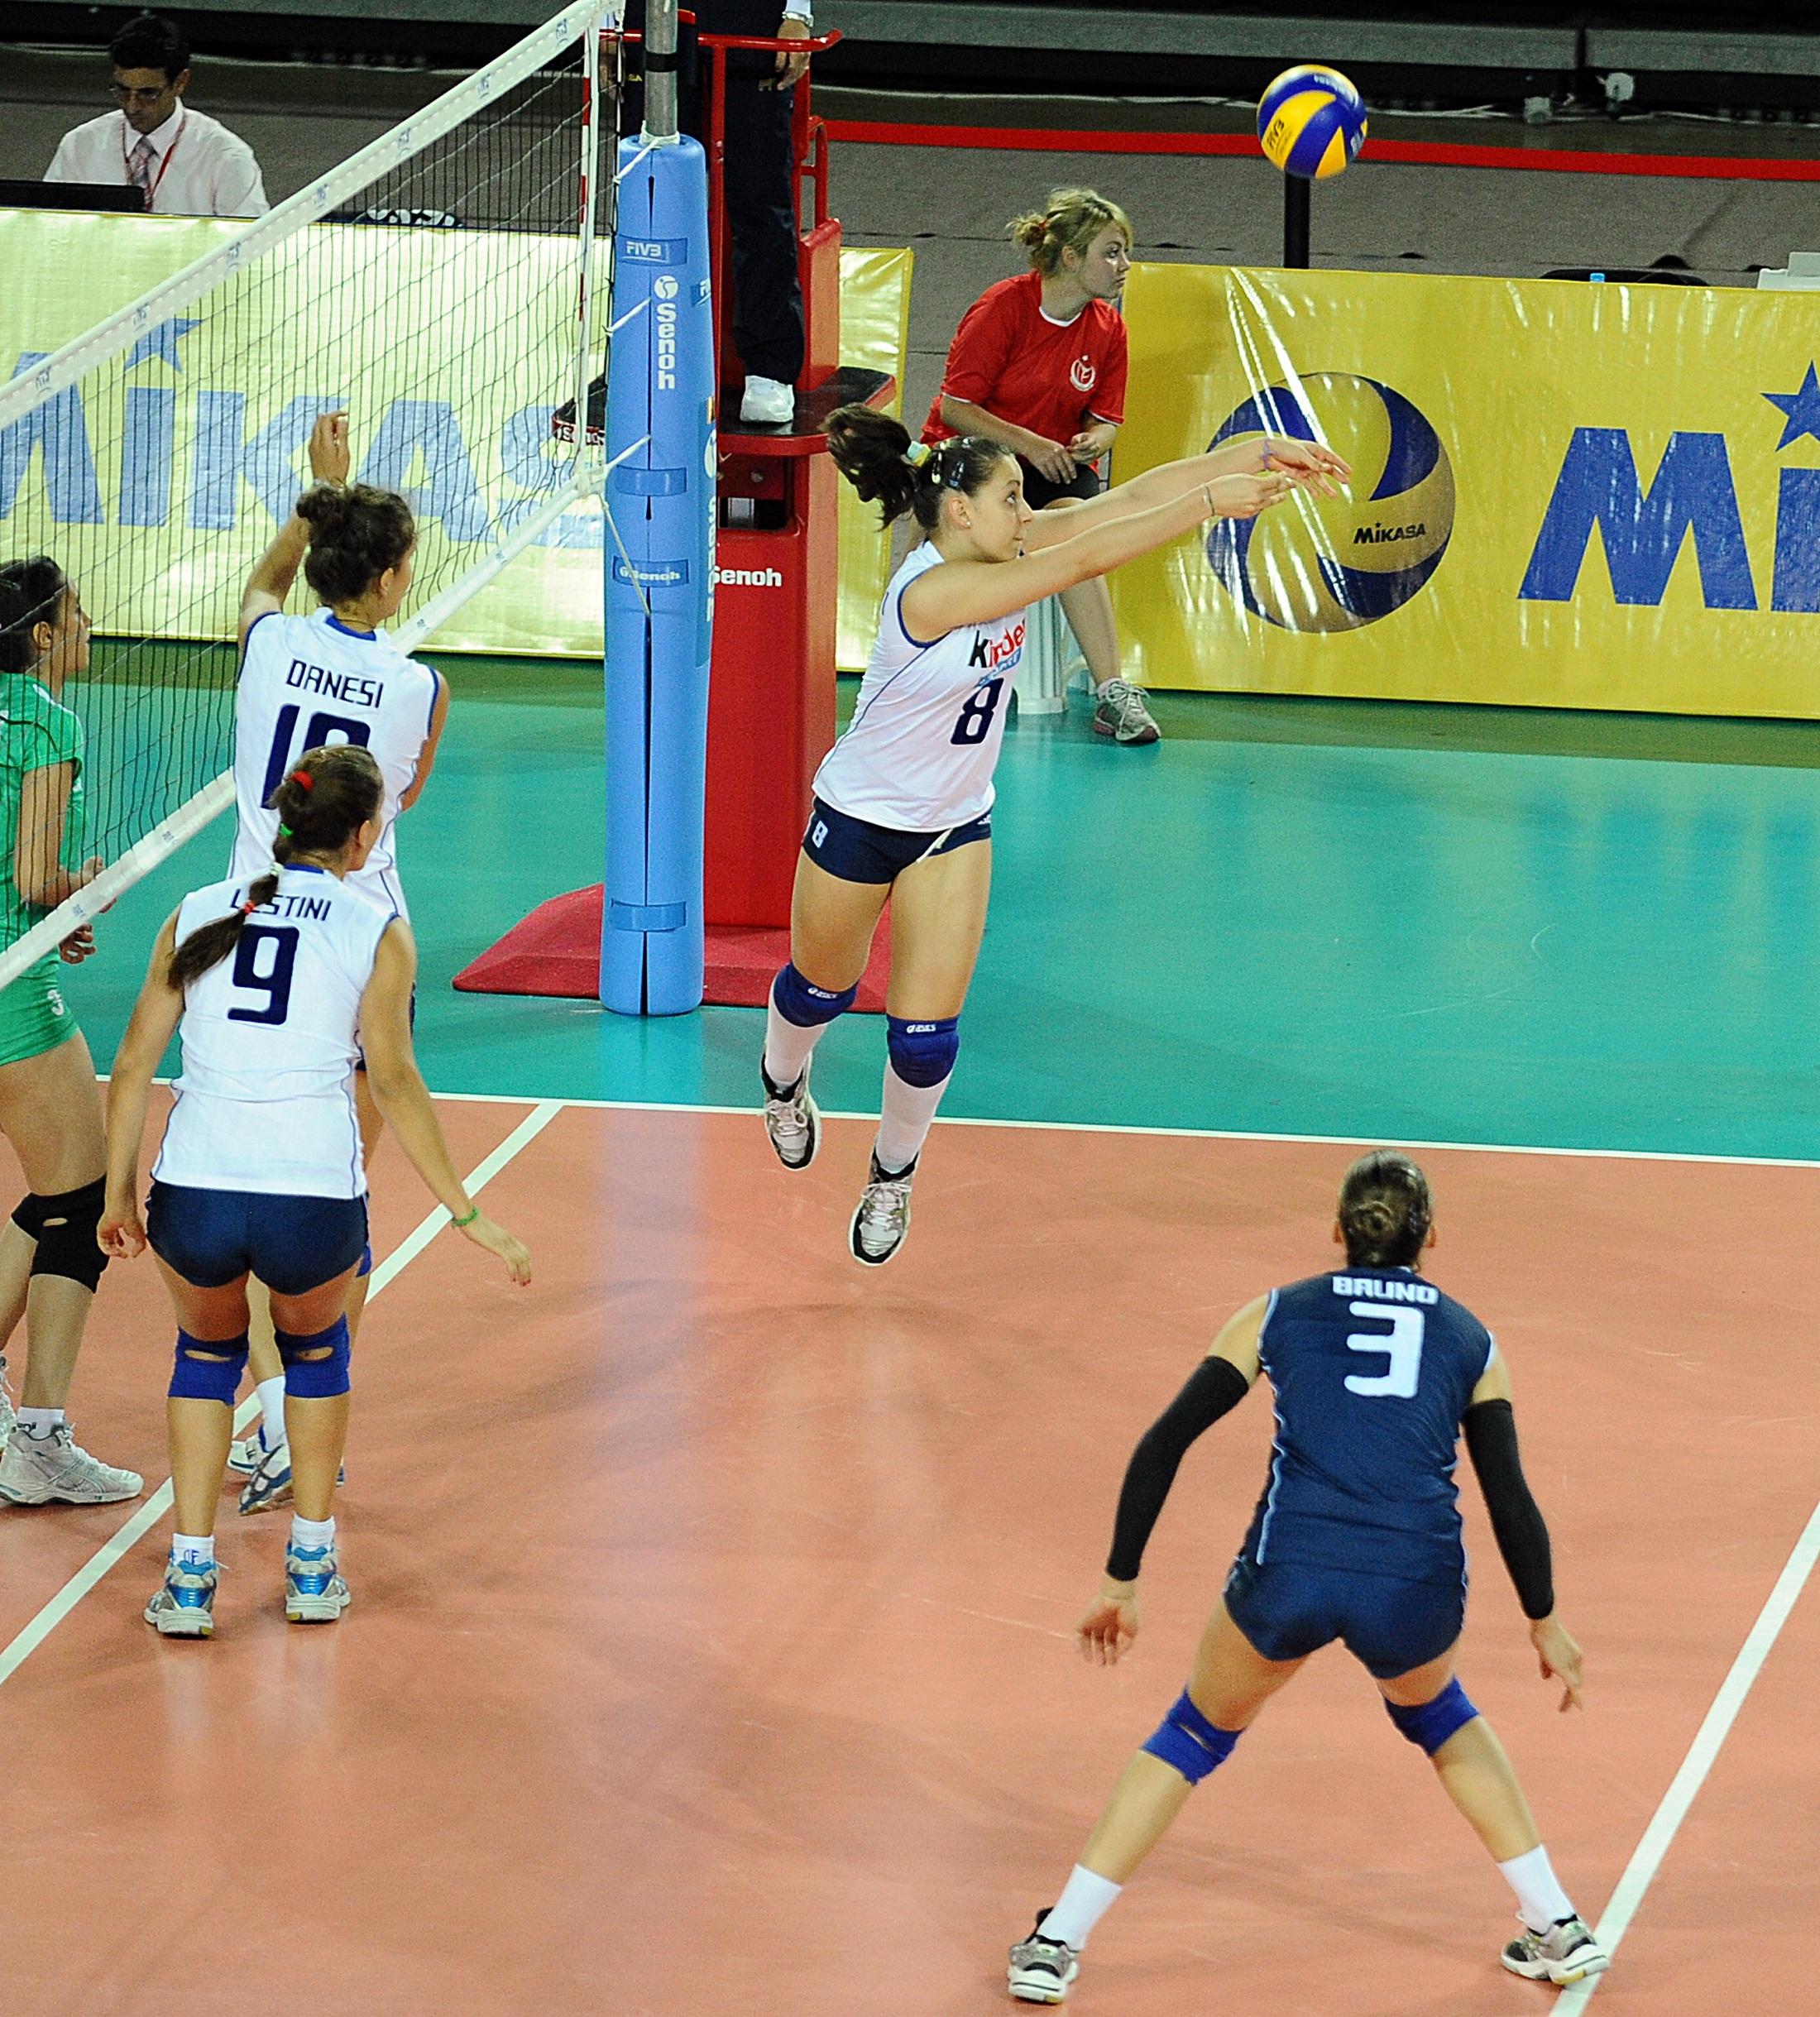 Italie Chiara Scacchetti (# 8) reçoit